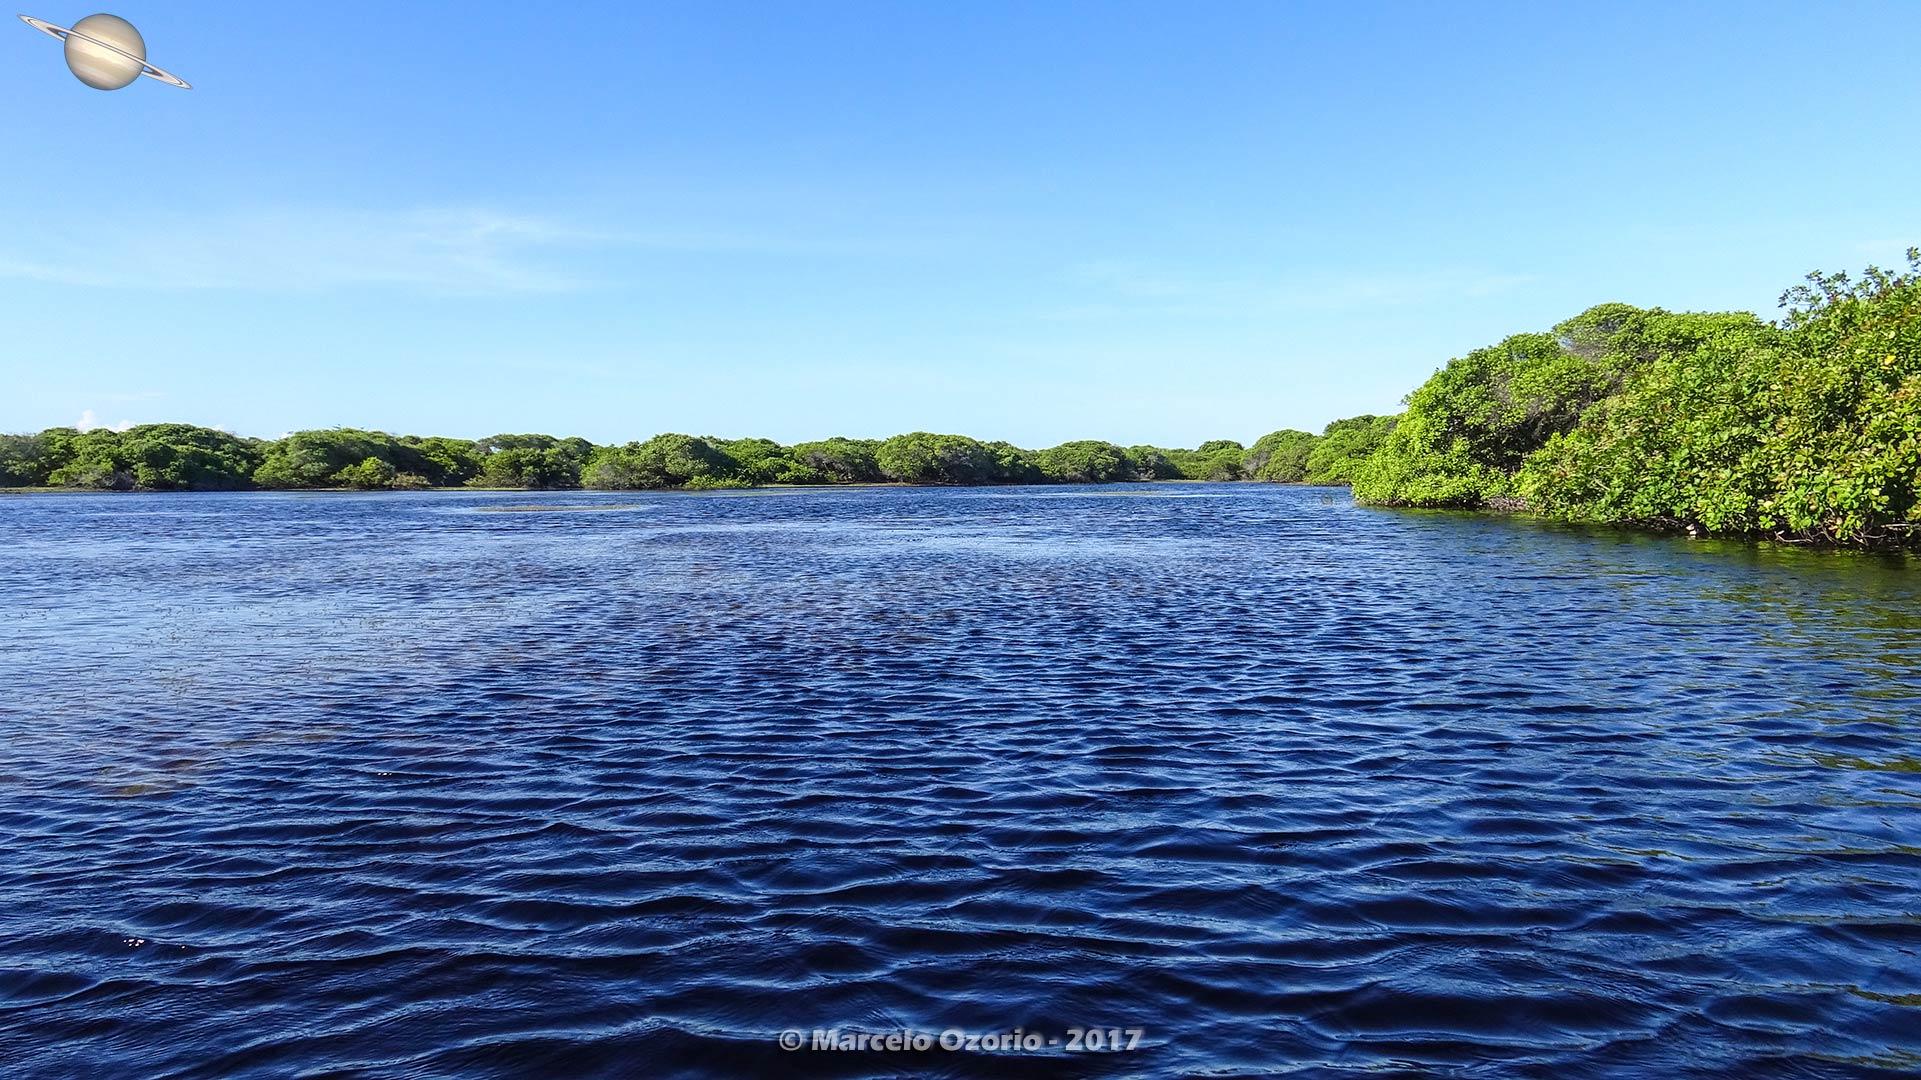 dia 3 explorando lencois maranhenses 53 - Explorando o Centro do Parque Nacional dos Lençóis Maranhenses - Brasil